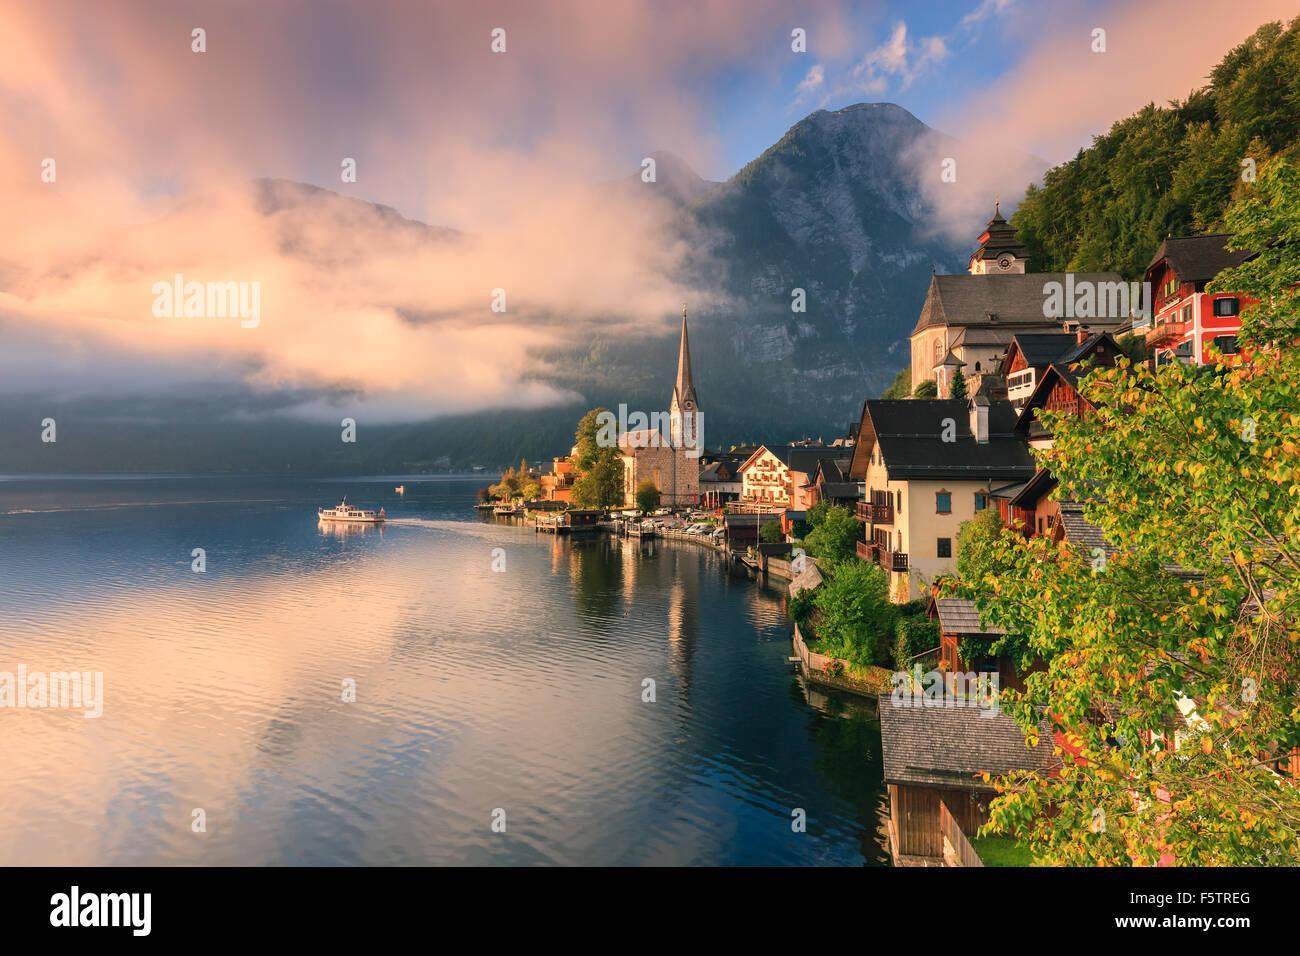 Lever de soleil à Hallstatt, dans la région de l'Autriche est un village dans la région du Salzkammergut, une région en Autriche. Banque D'Images